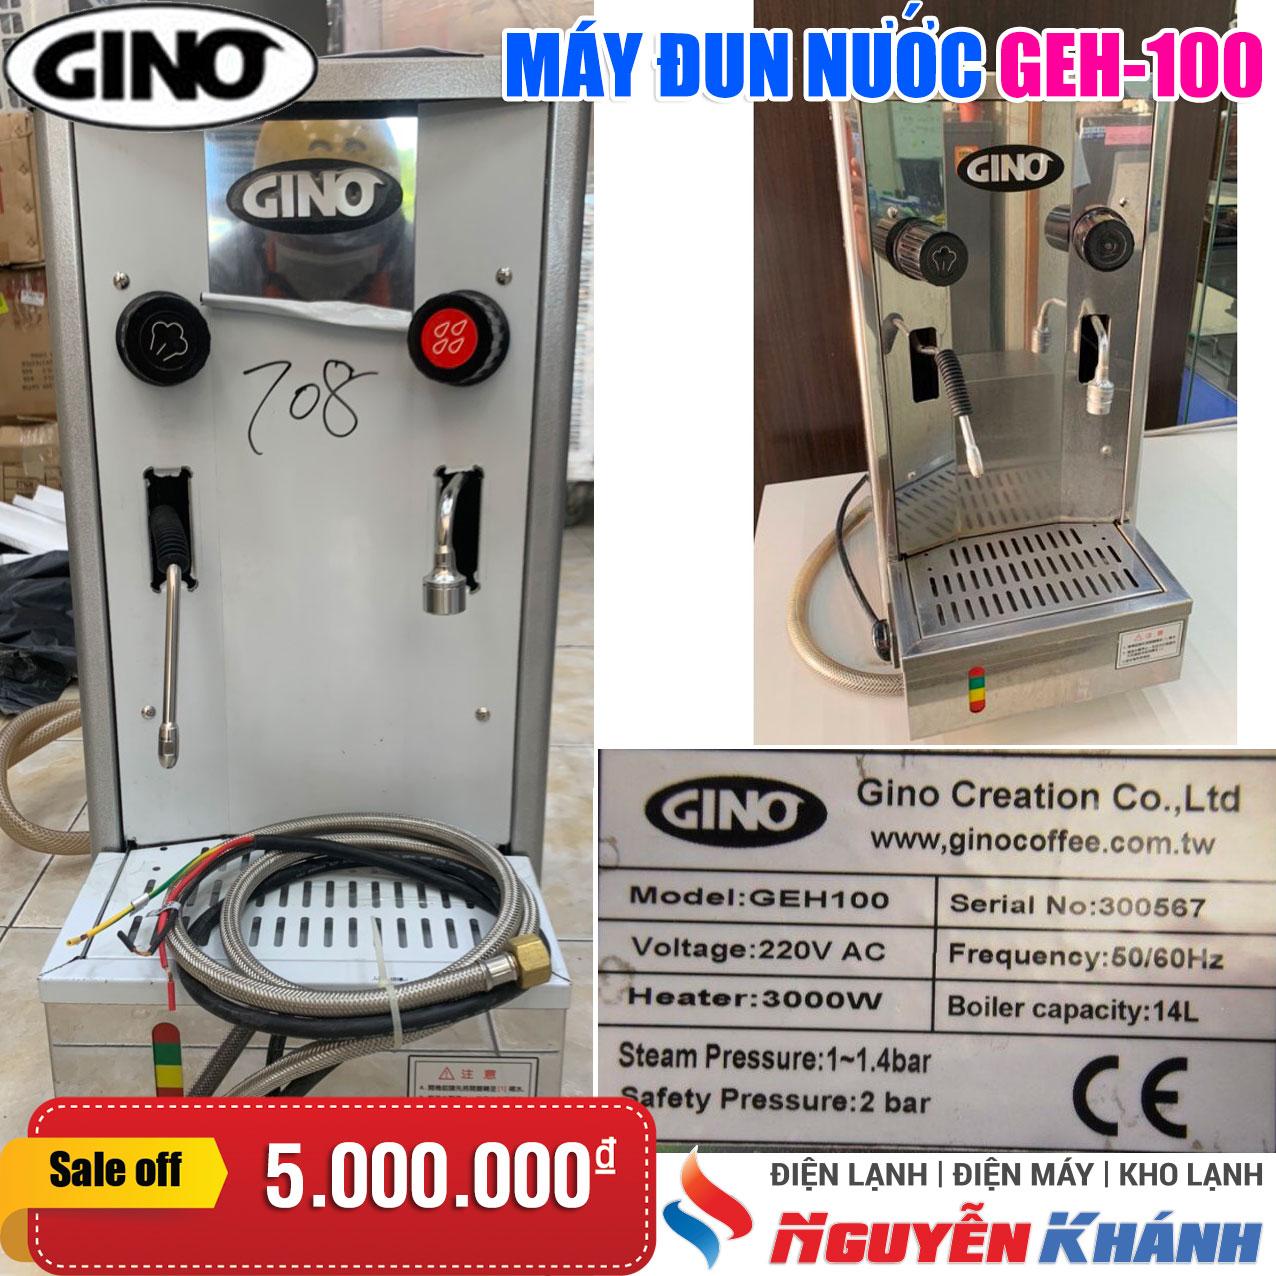 Máy đun nước nóng Gino GEH-100